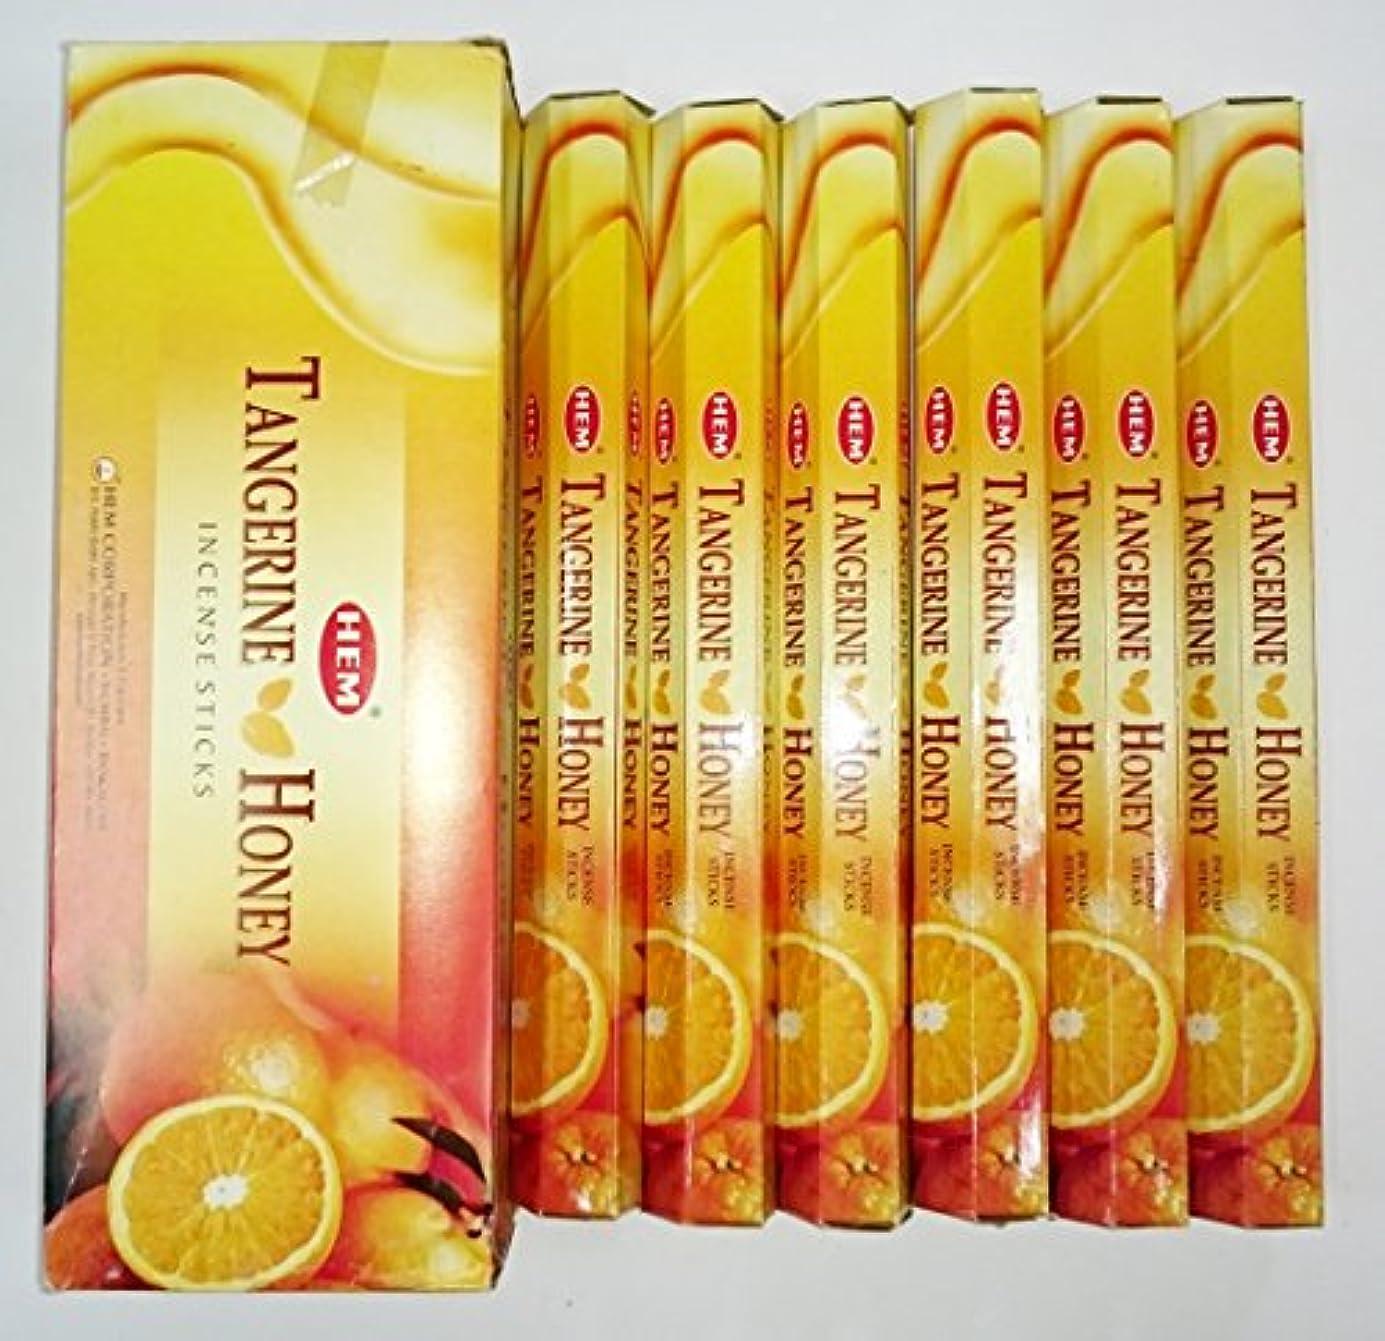 で一掃する熟読HEM (ヘム) インセンス スティック へキサパック タンジェリンハニー 6角(20本入)×6箱 [並行輸入品]Tangerine Honey